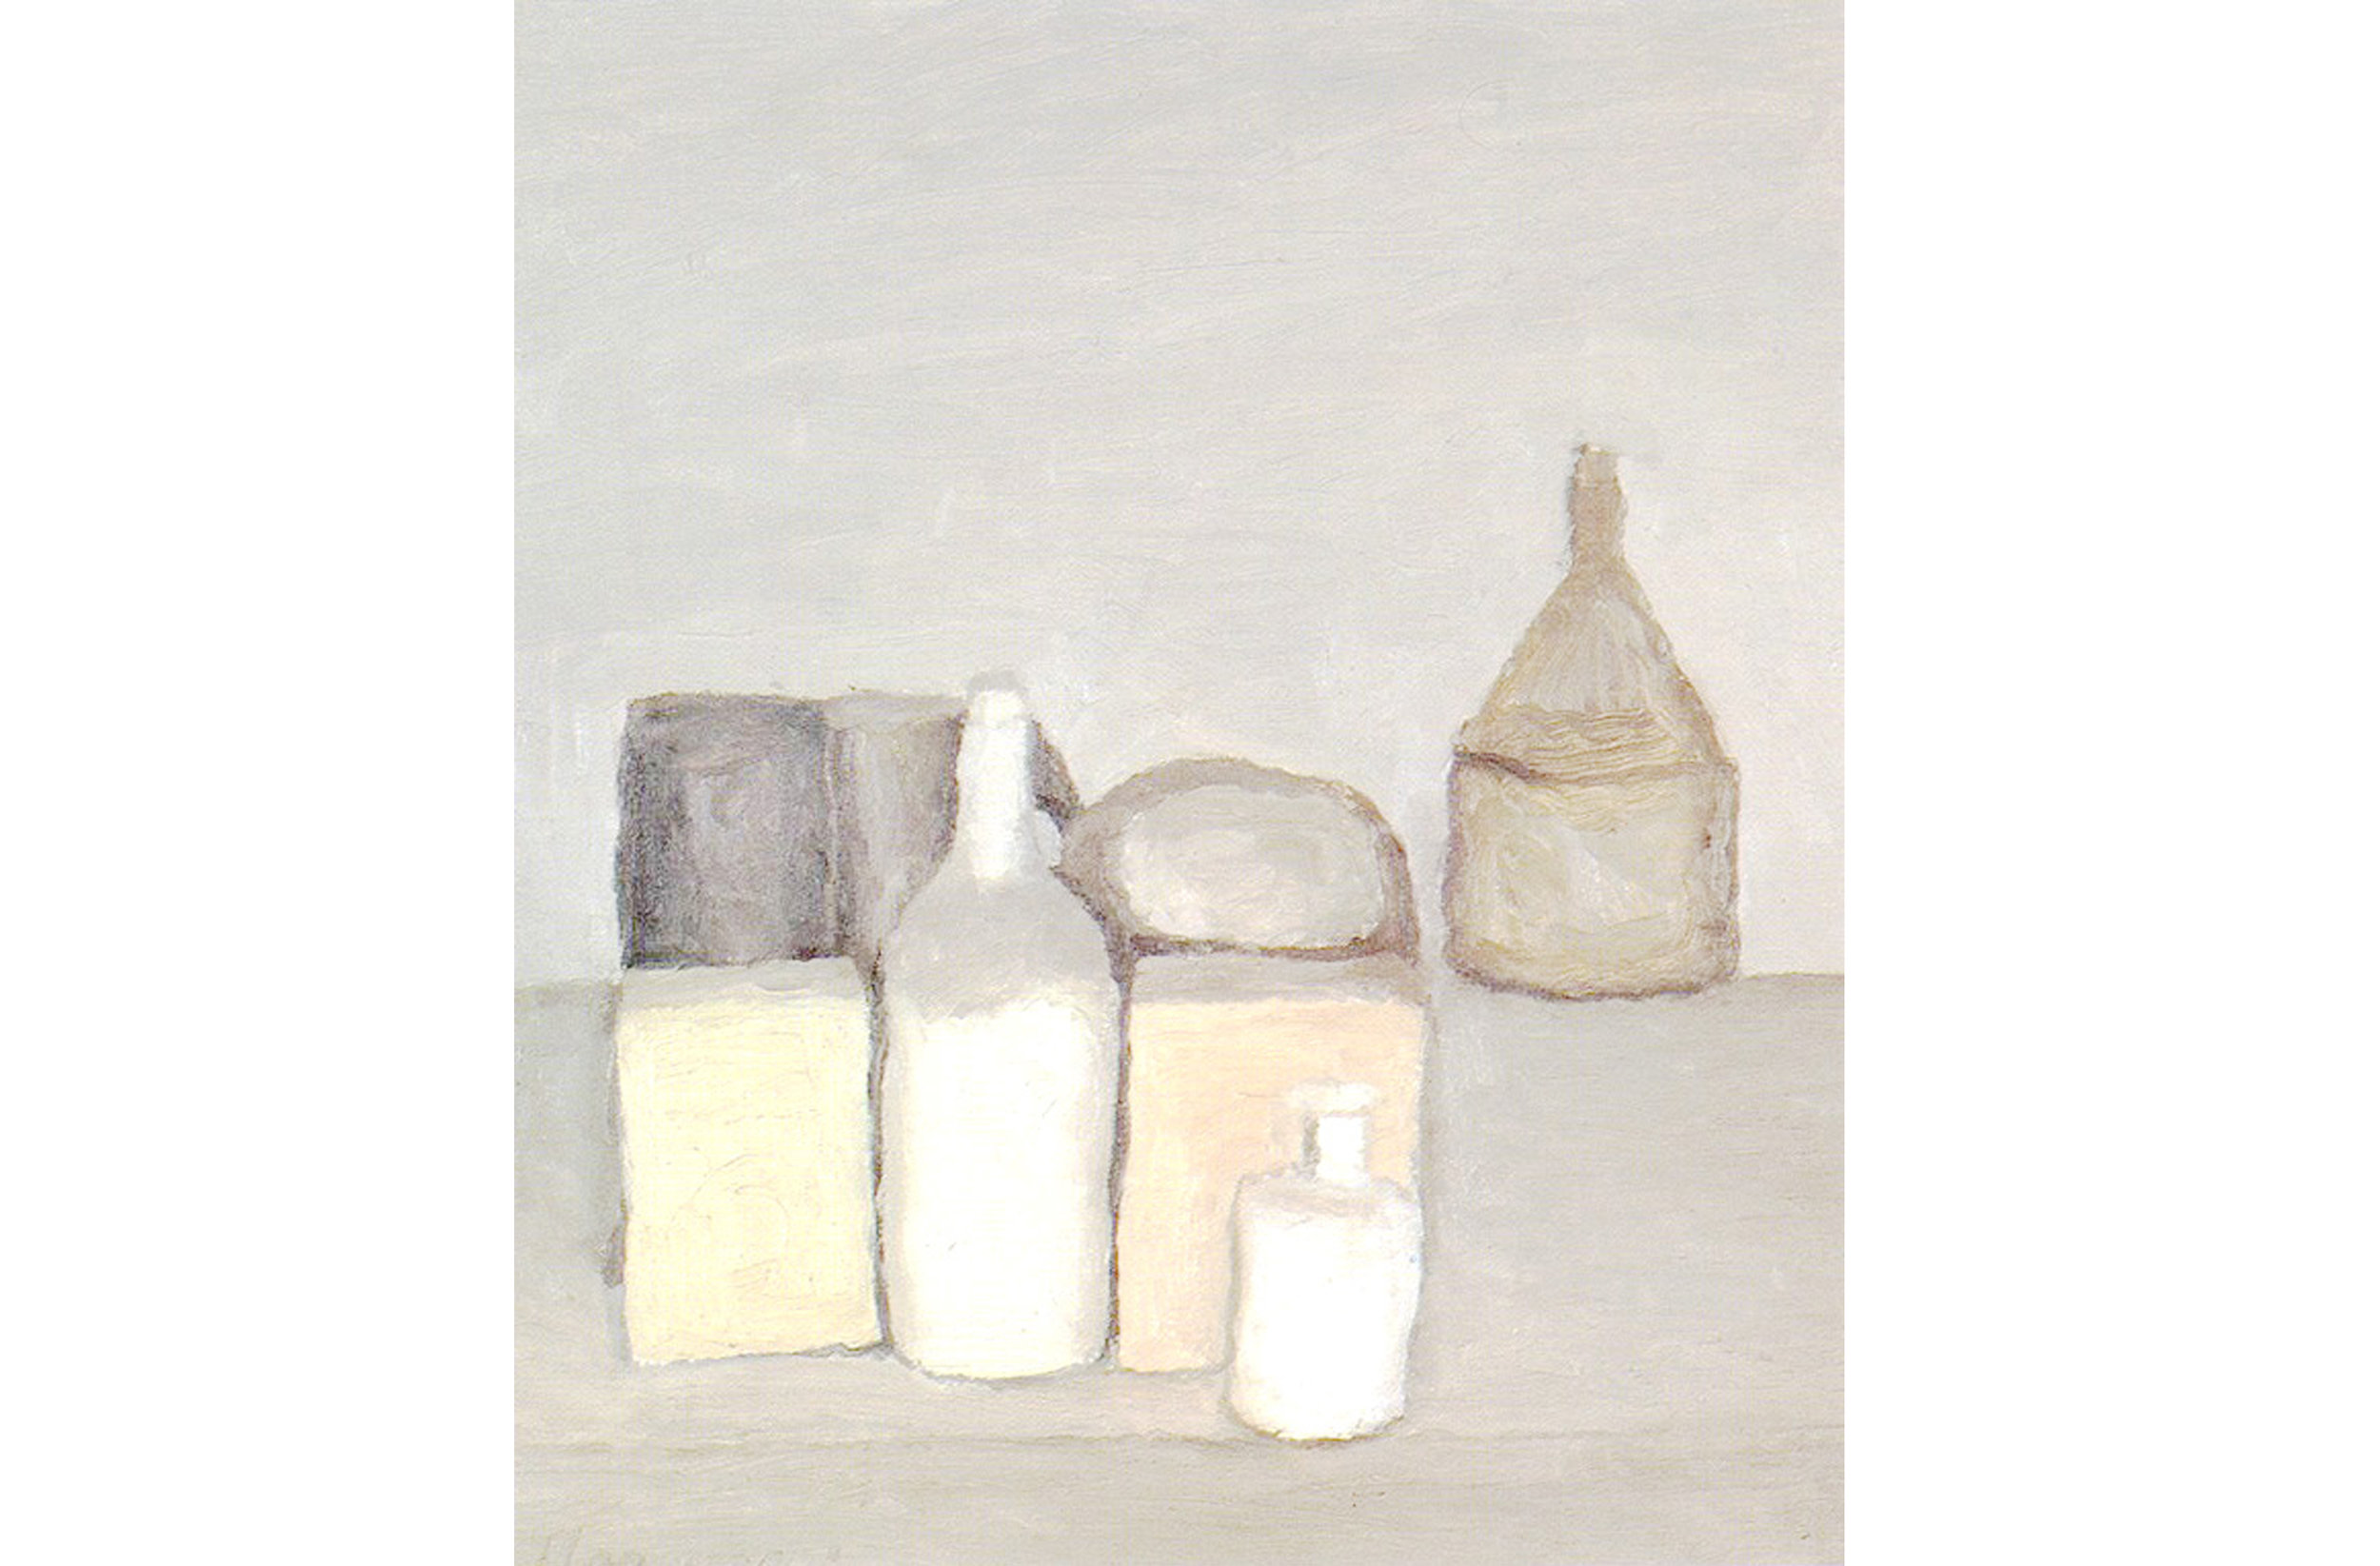 Fig 8. Still Life, Giorgio Morandi